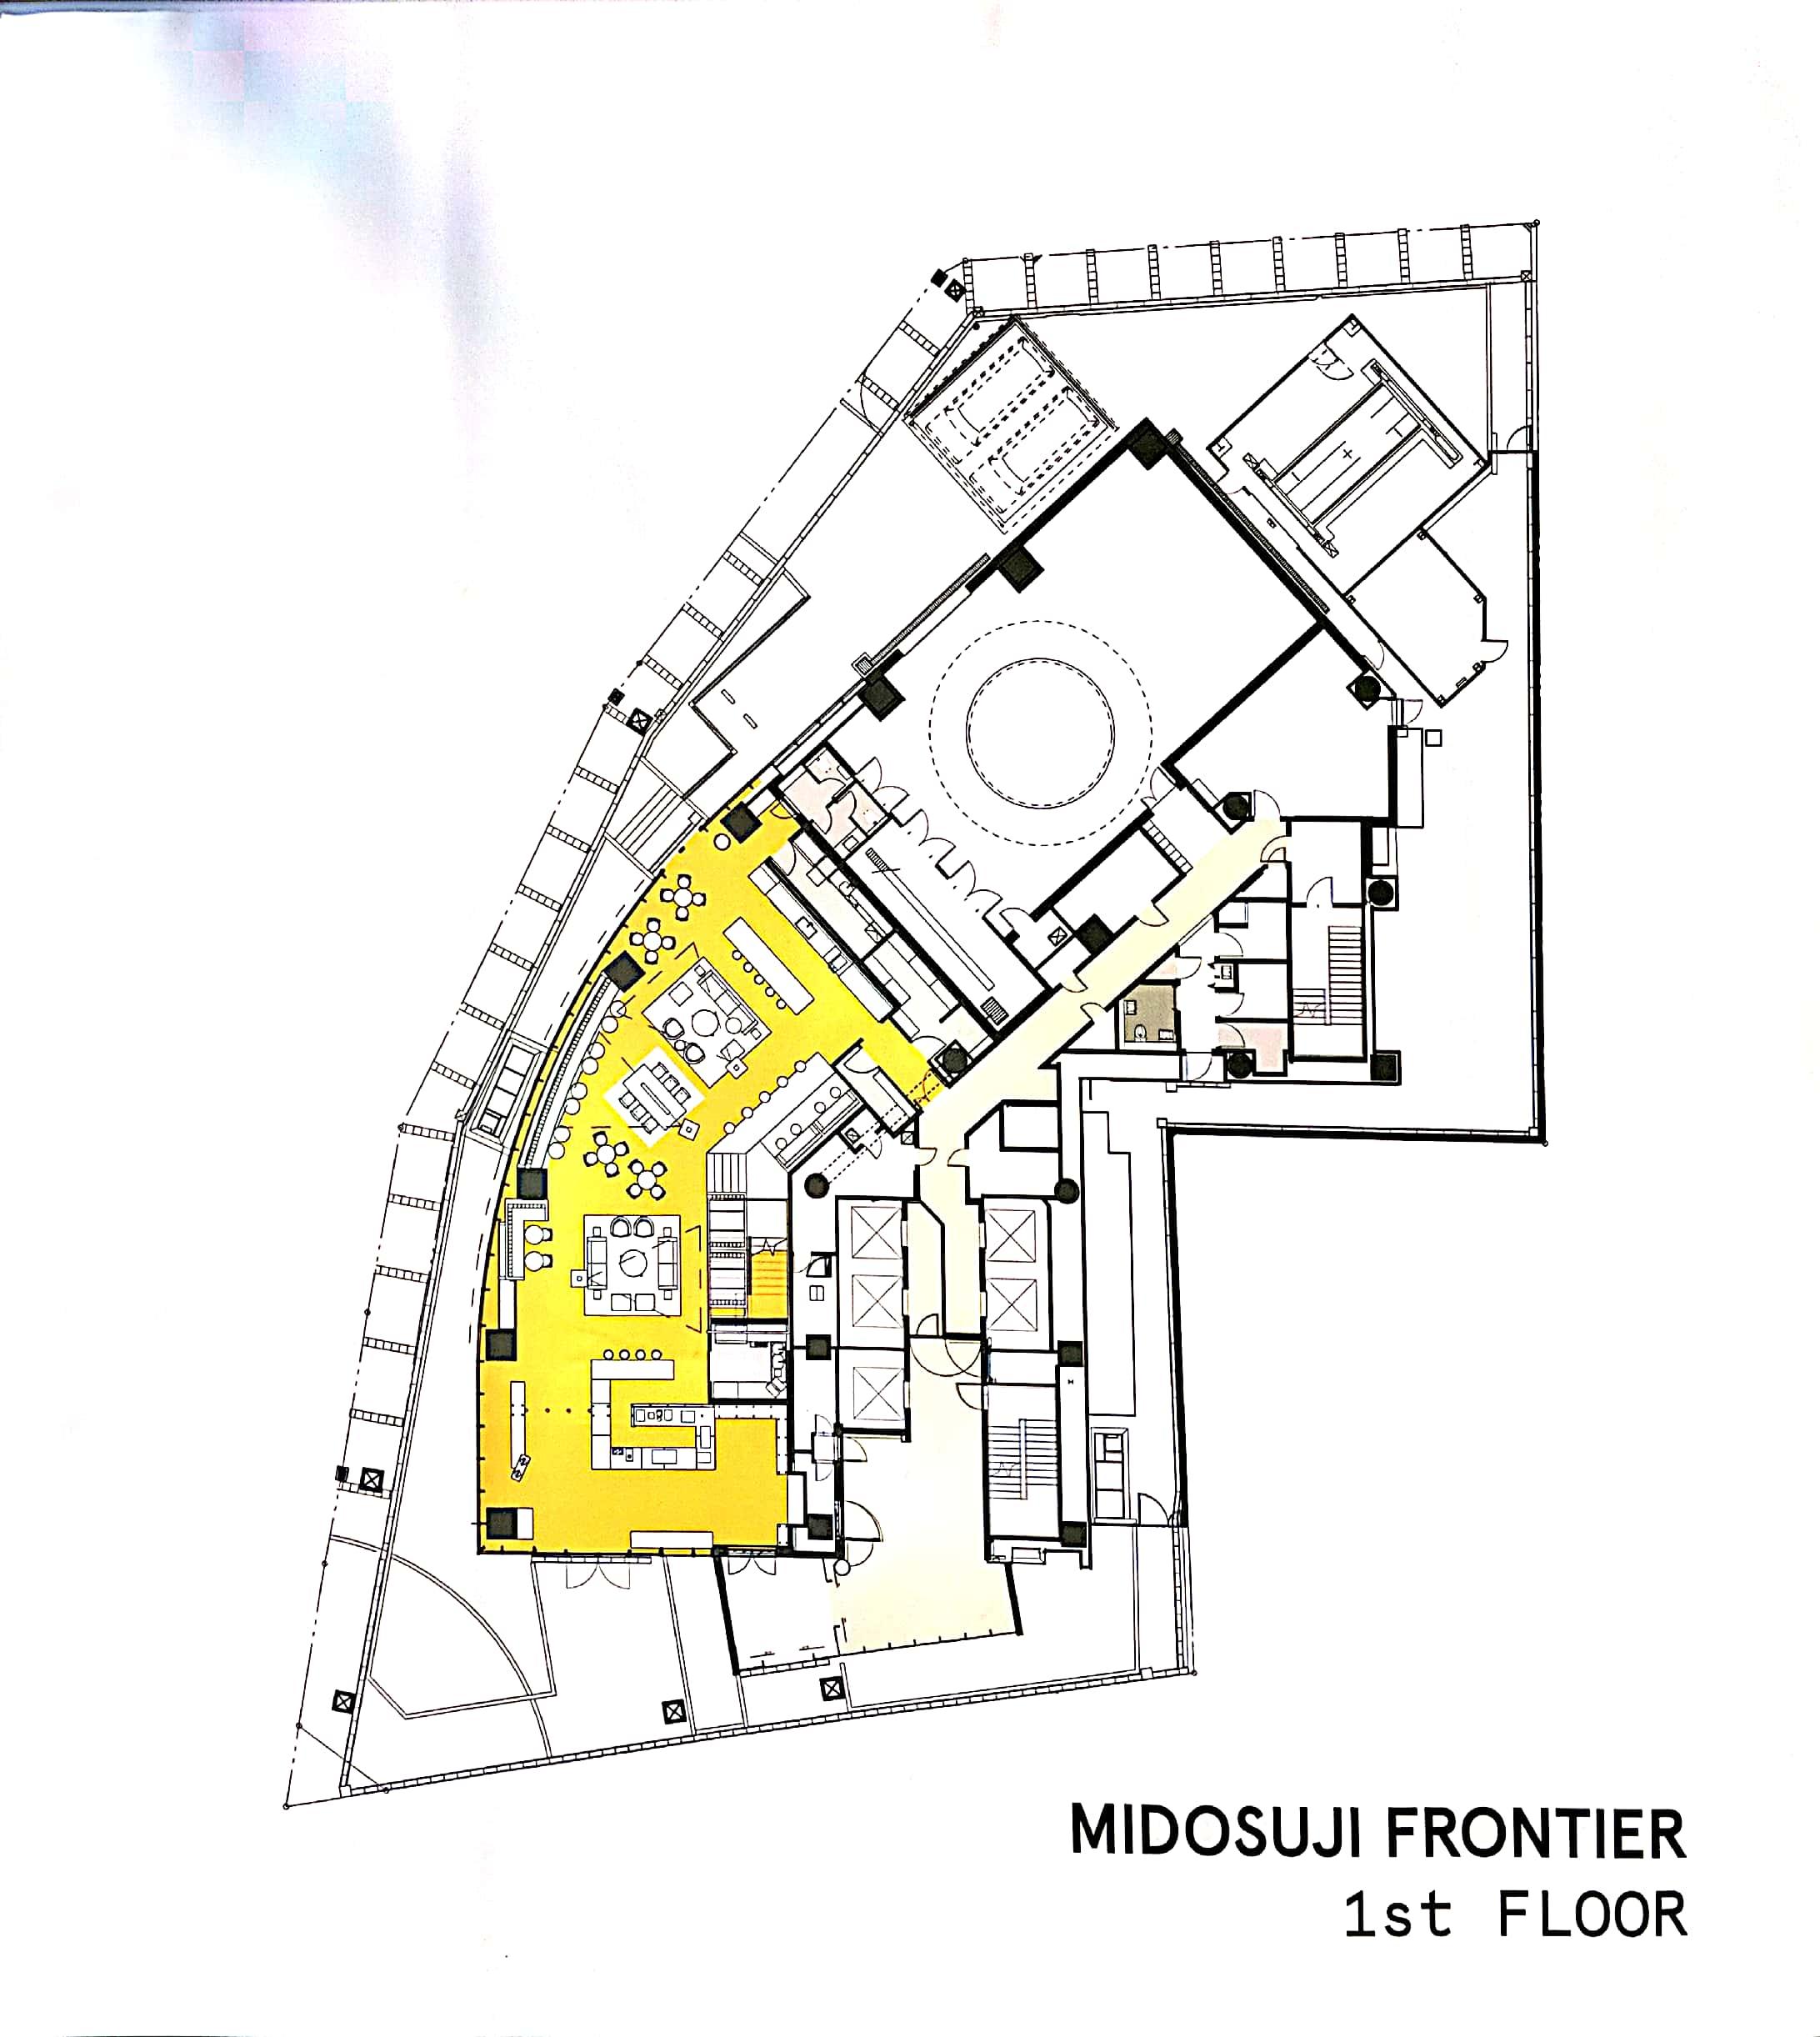 midosuji_frontier_1st_floor.jpg